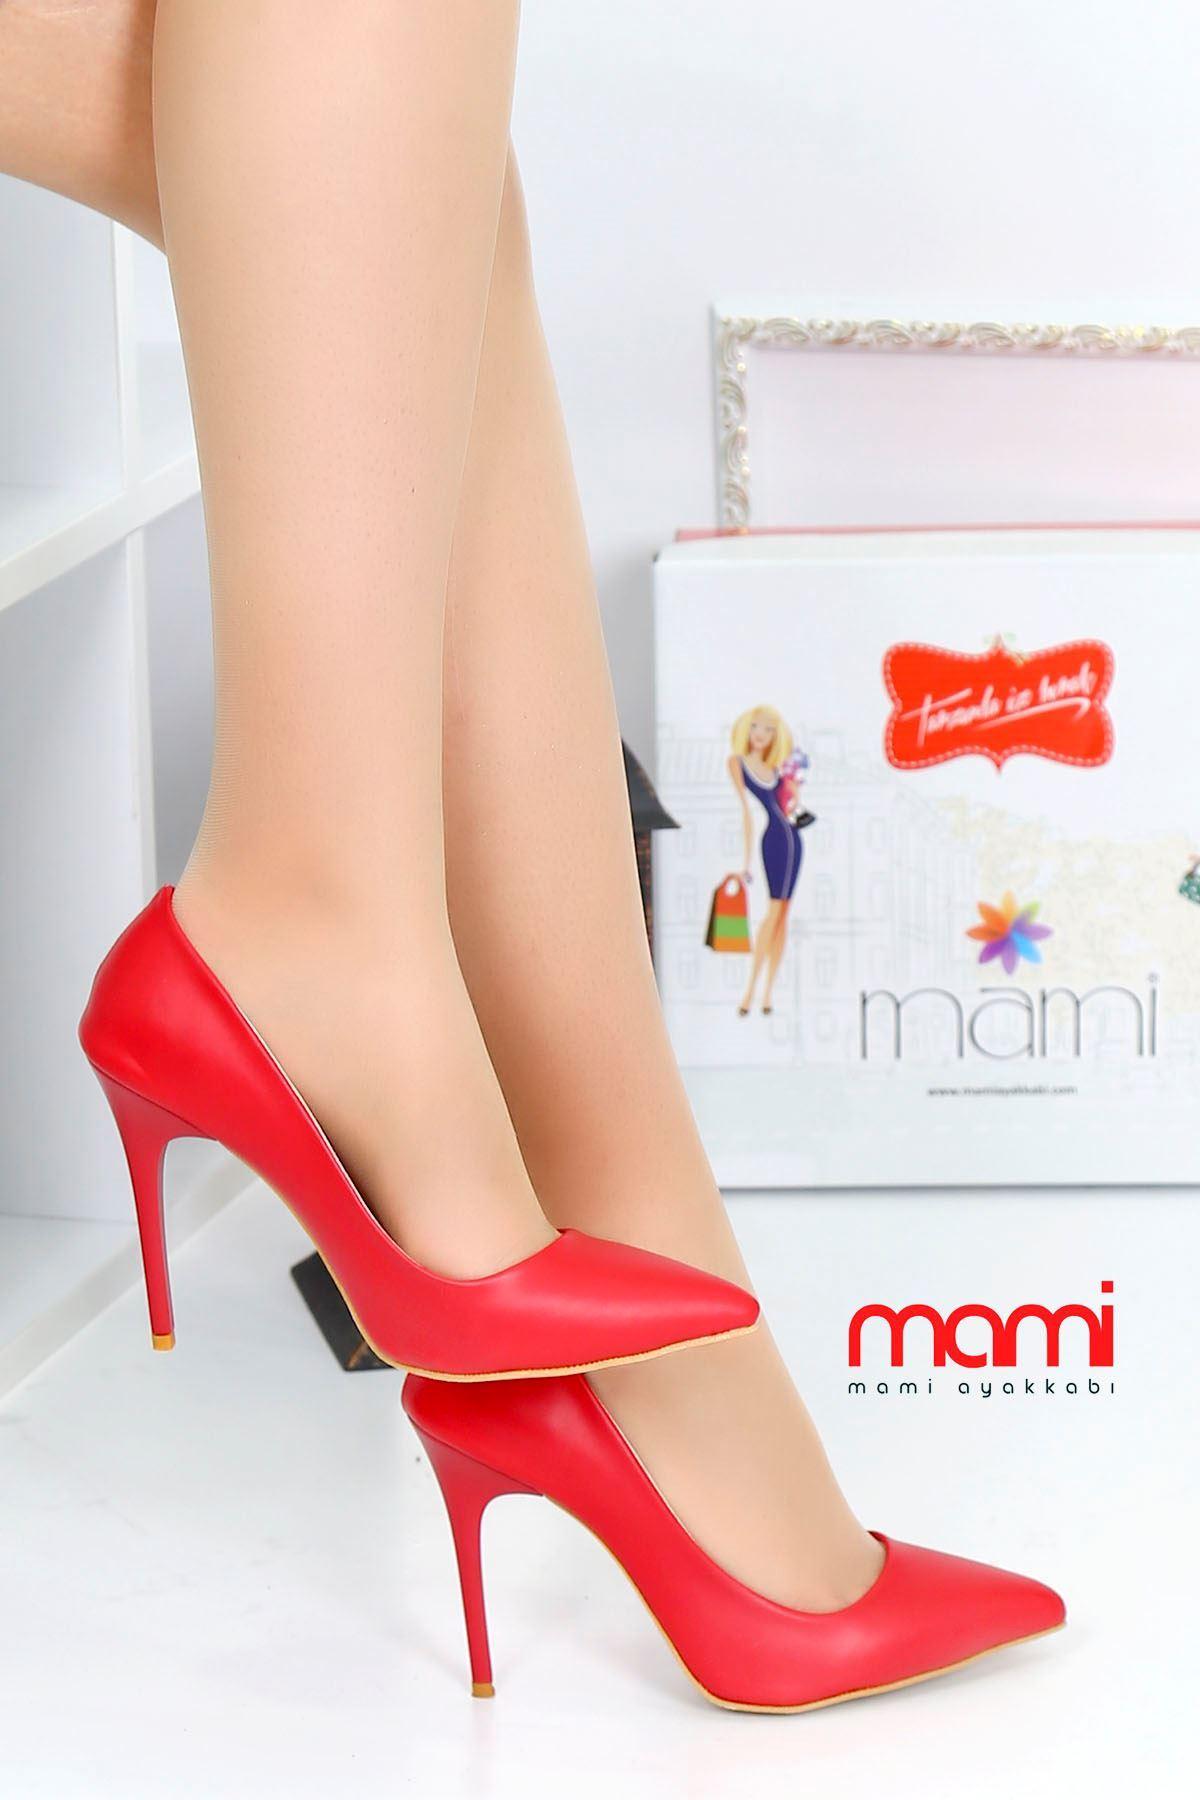 Mami- Stiletto Ayakkabı Kırmızı Deri